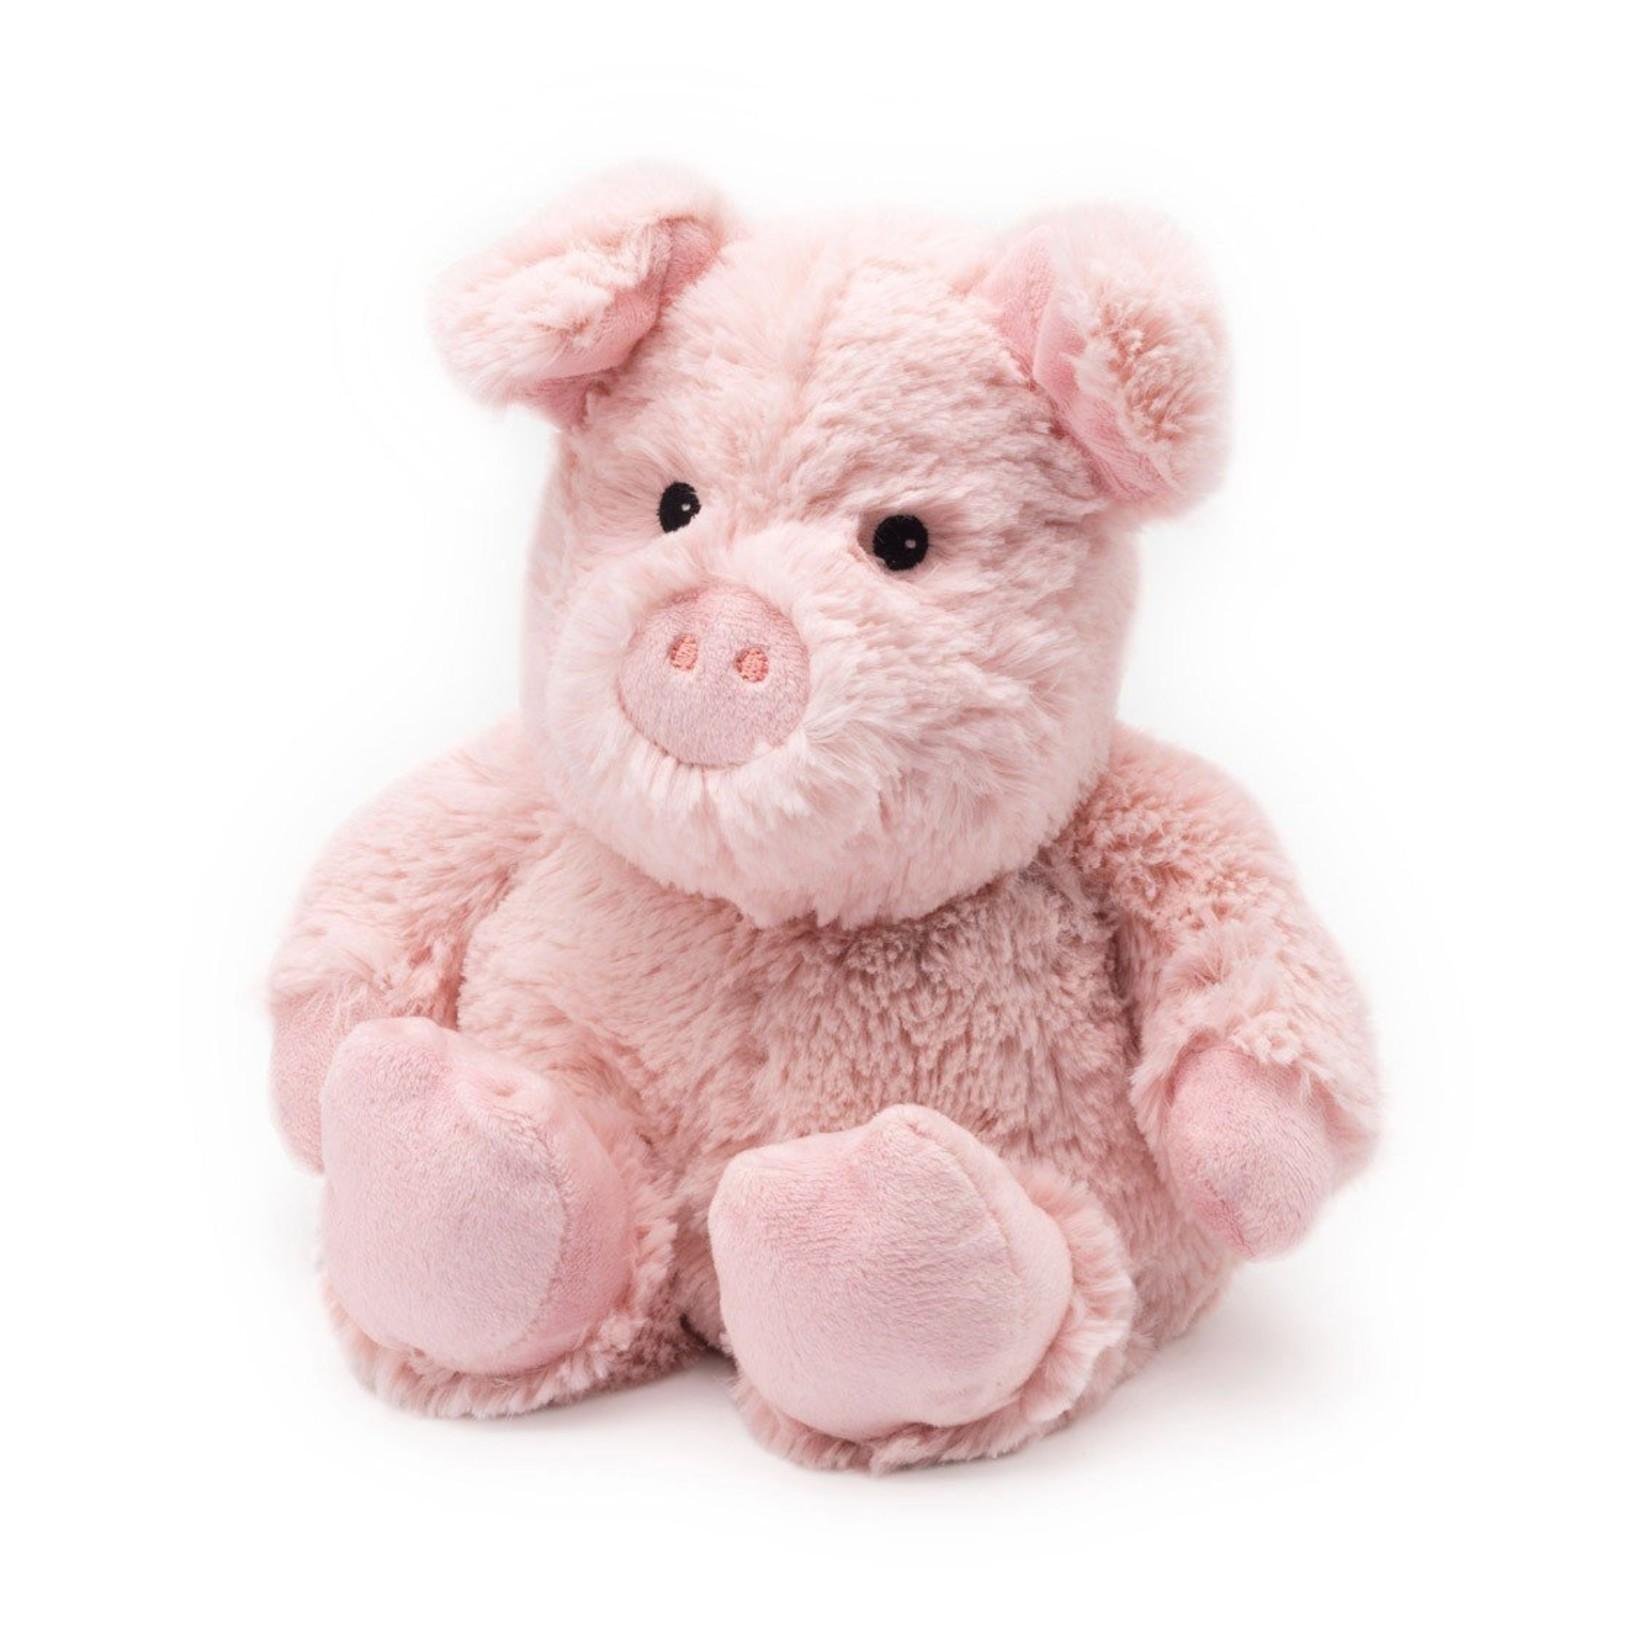 Intelex Junior Pig Cozy Plush